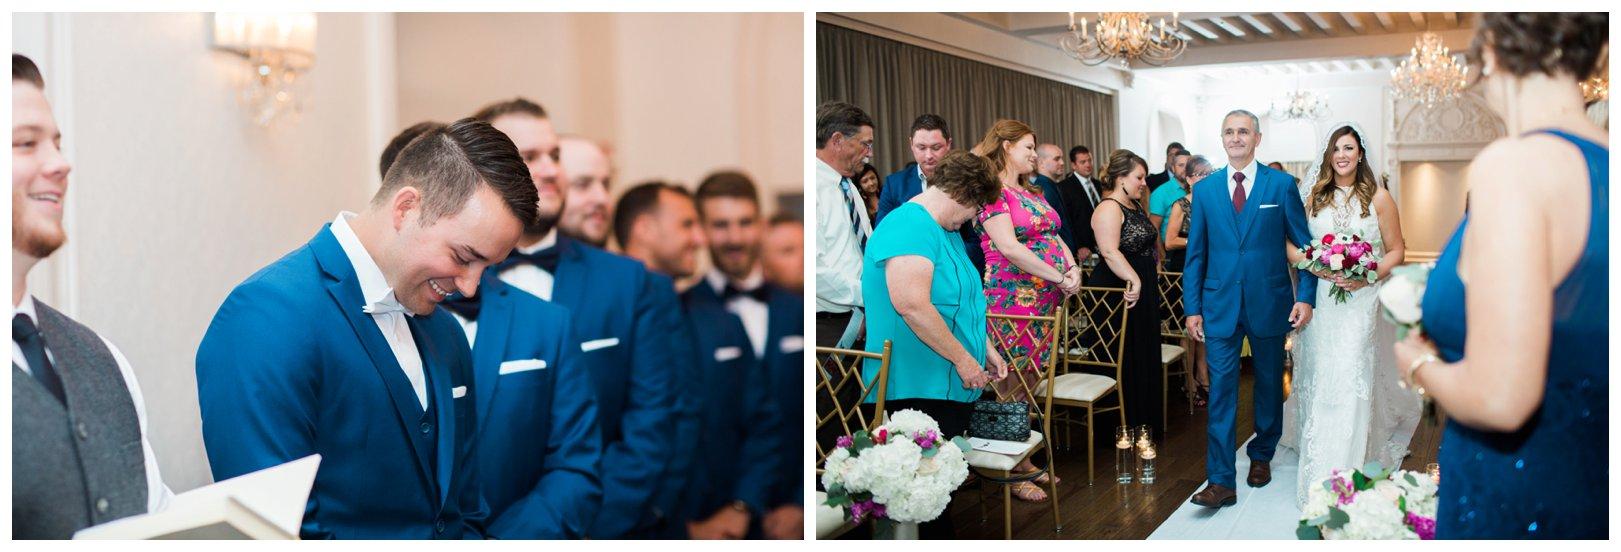 lauren muckler photography_fine art film wedding photography_st louis_photography_1198.jpg